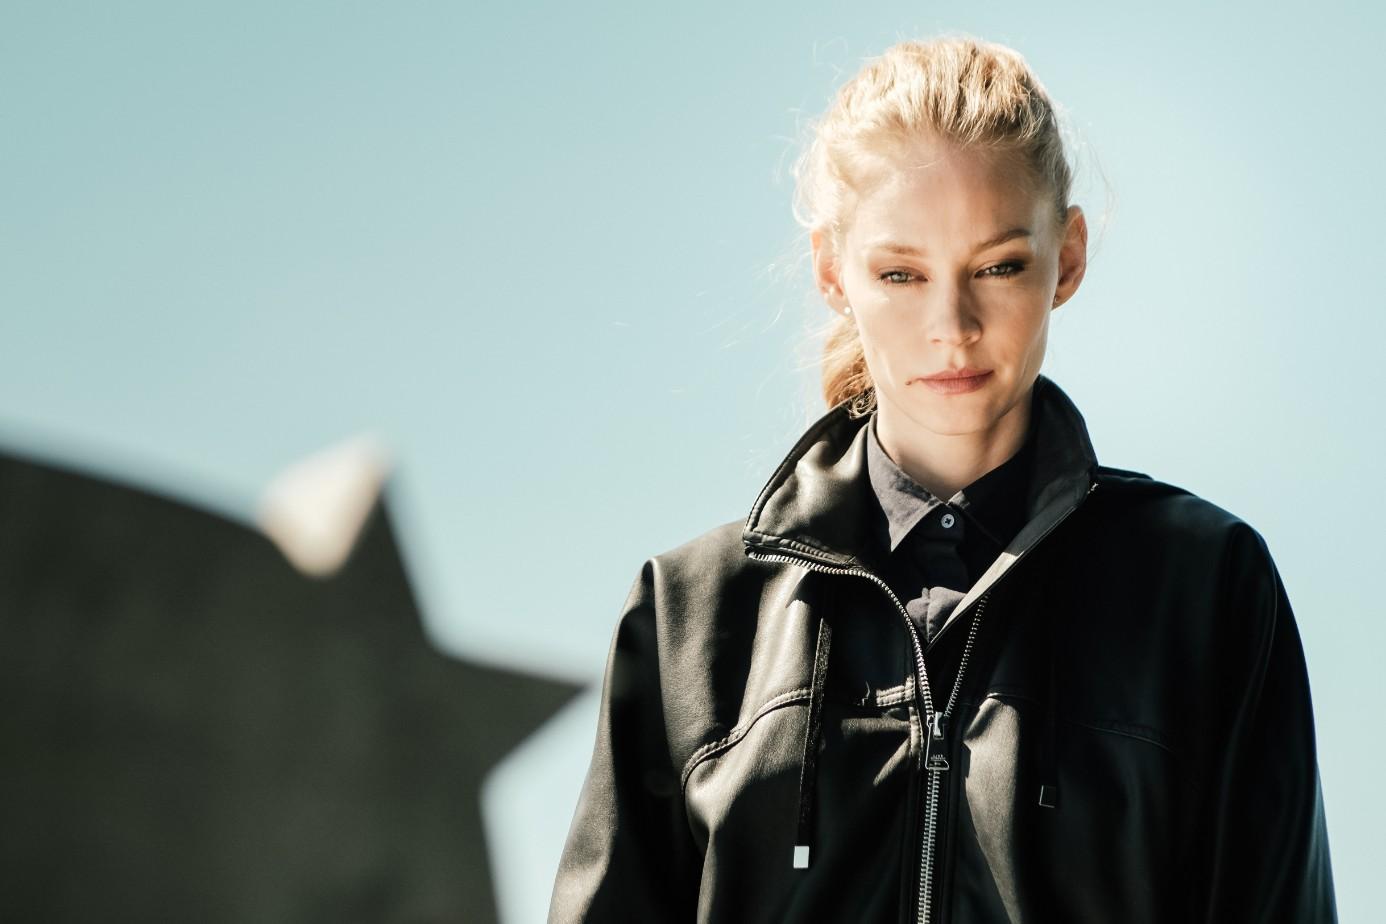 《失控特工》女主角外型及角色皆深受粉絲們愛戴